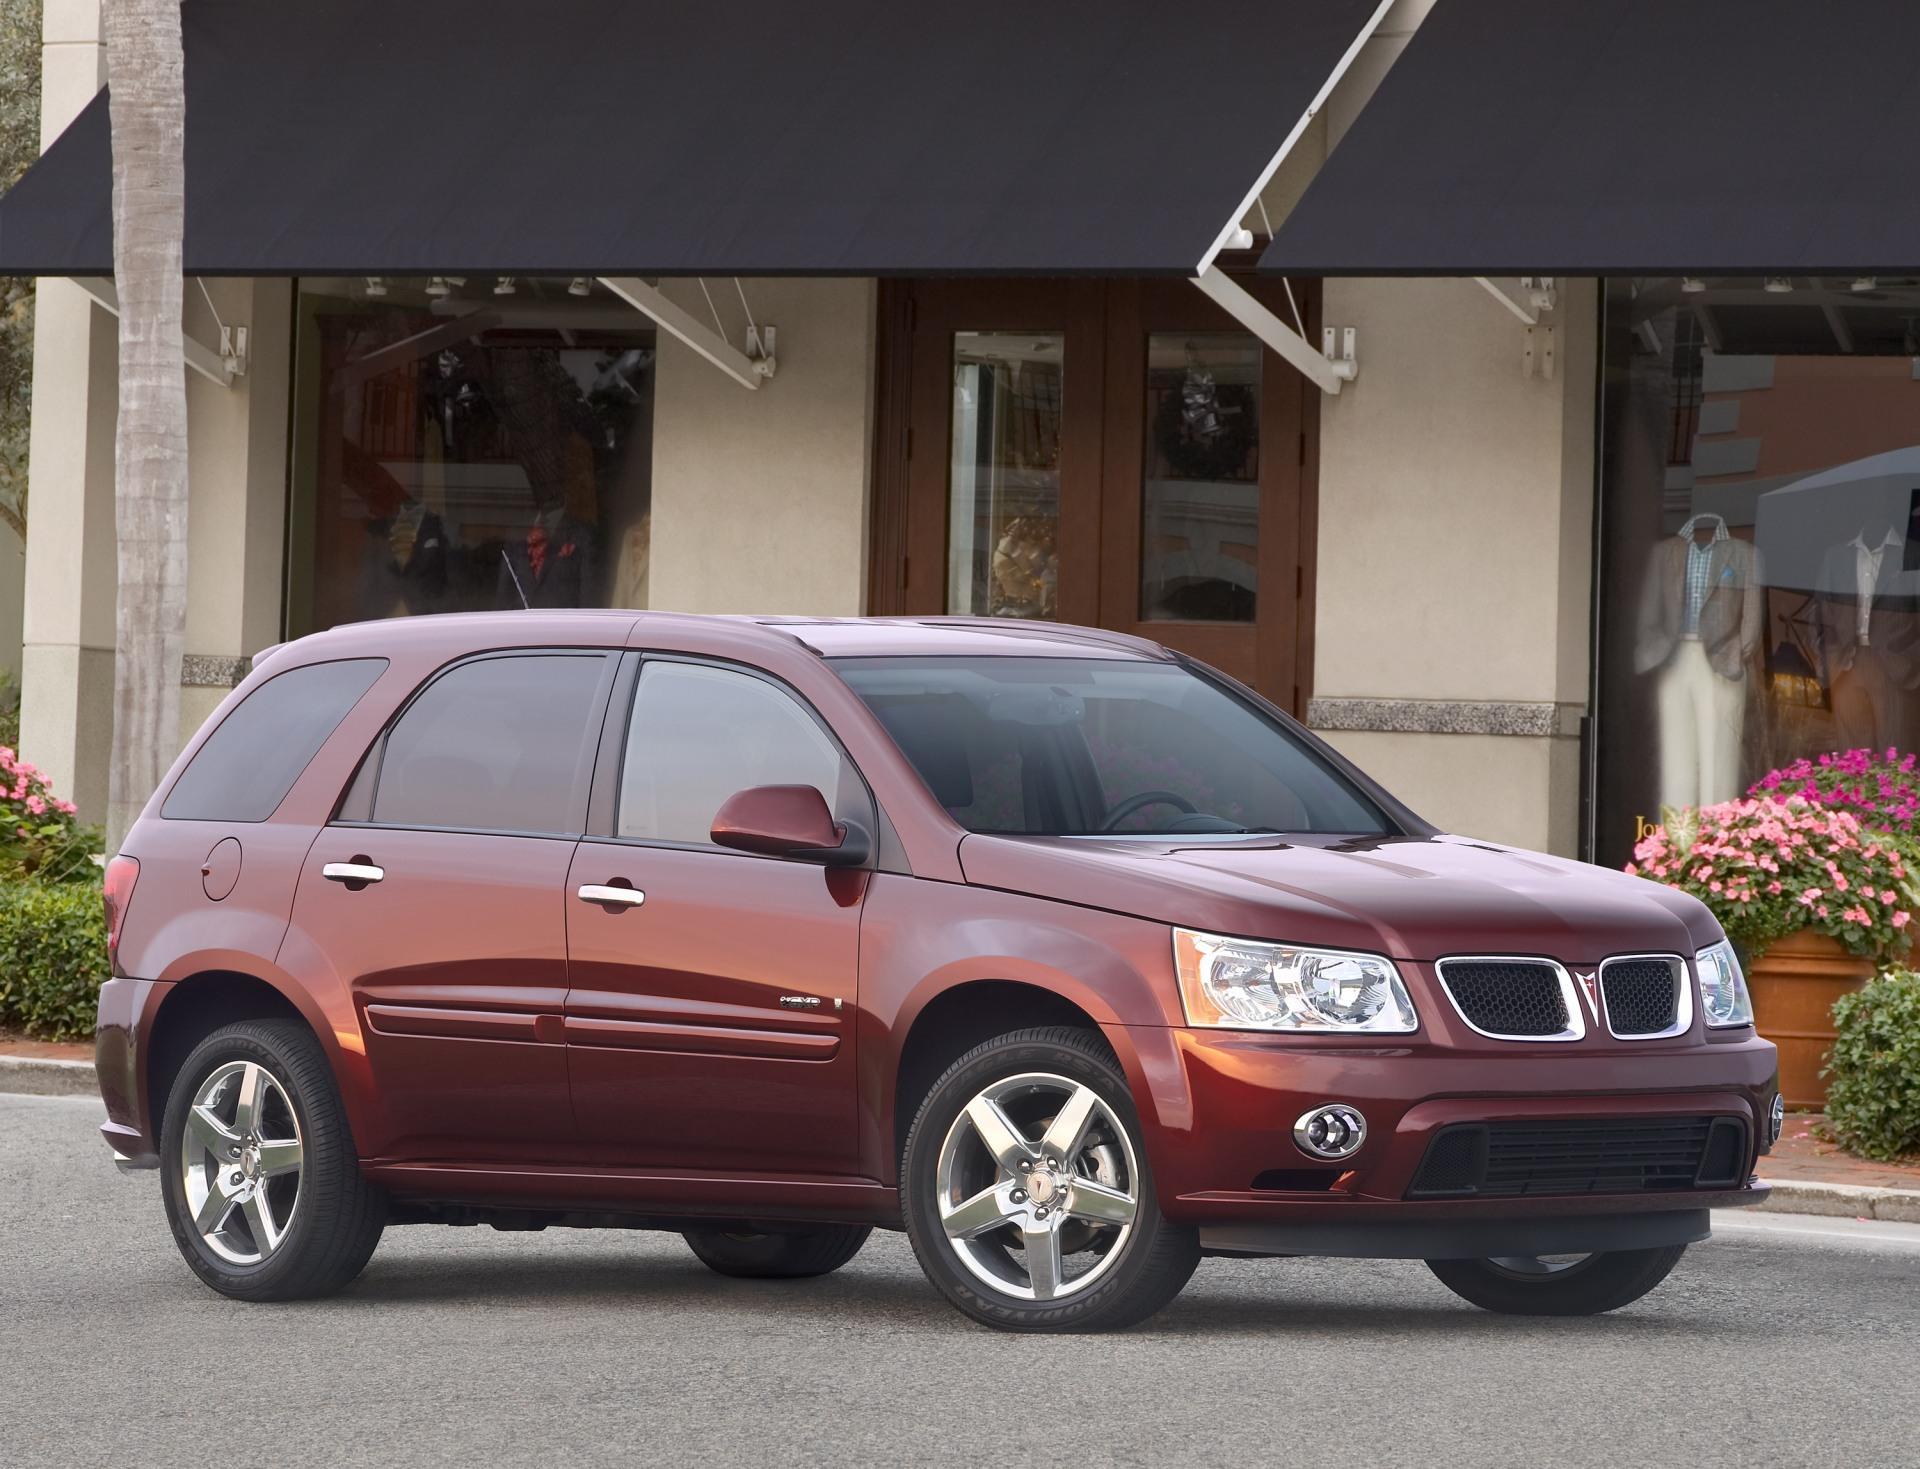 Pontiac Torrent 2005 - 2009 SUV 5 door #6